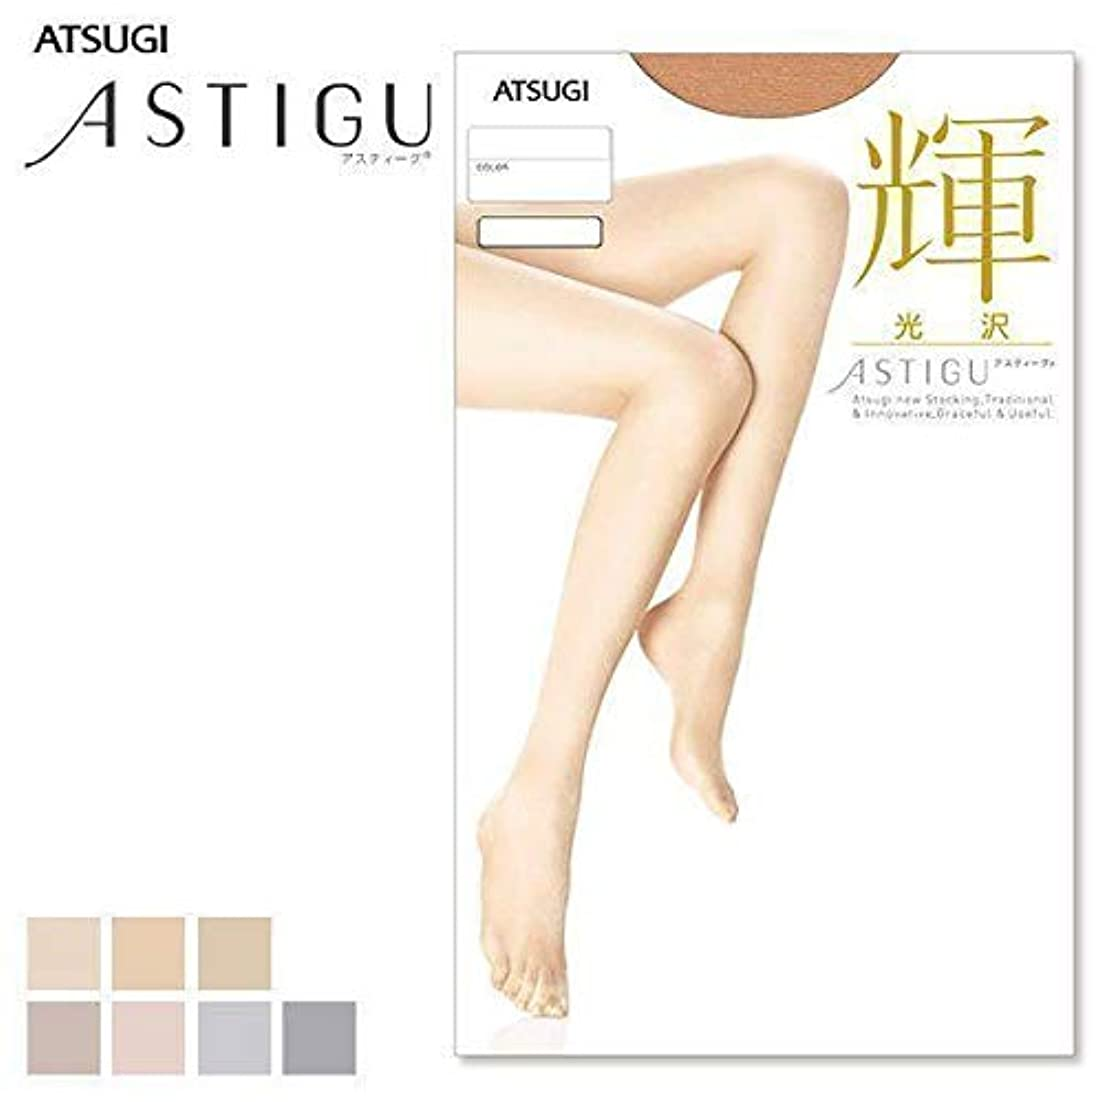 クルールーフセッティングアツギ ASTIGU(アスティーグ)輝(ヌーディベージュ)サイズ M~L